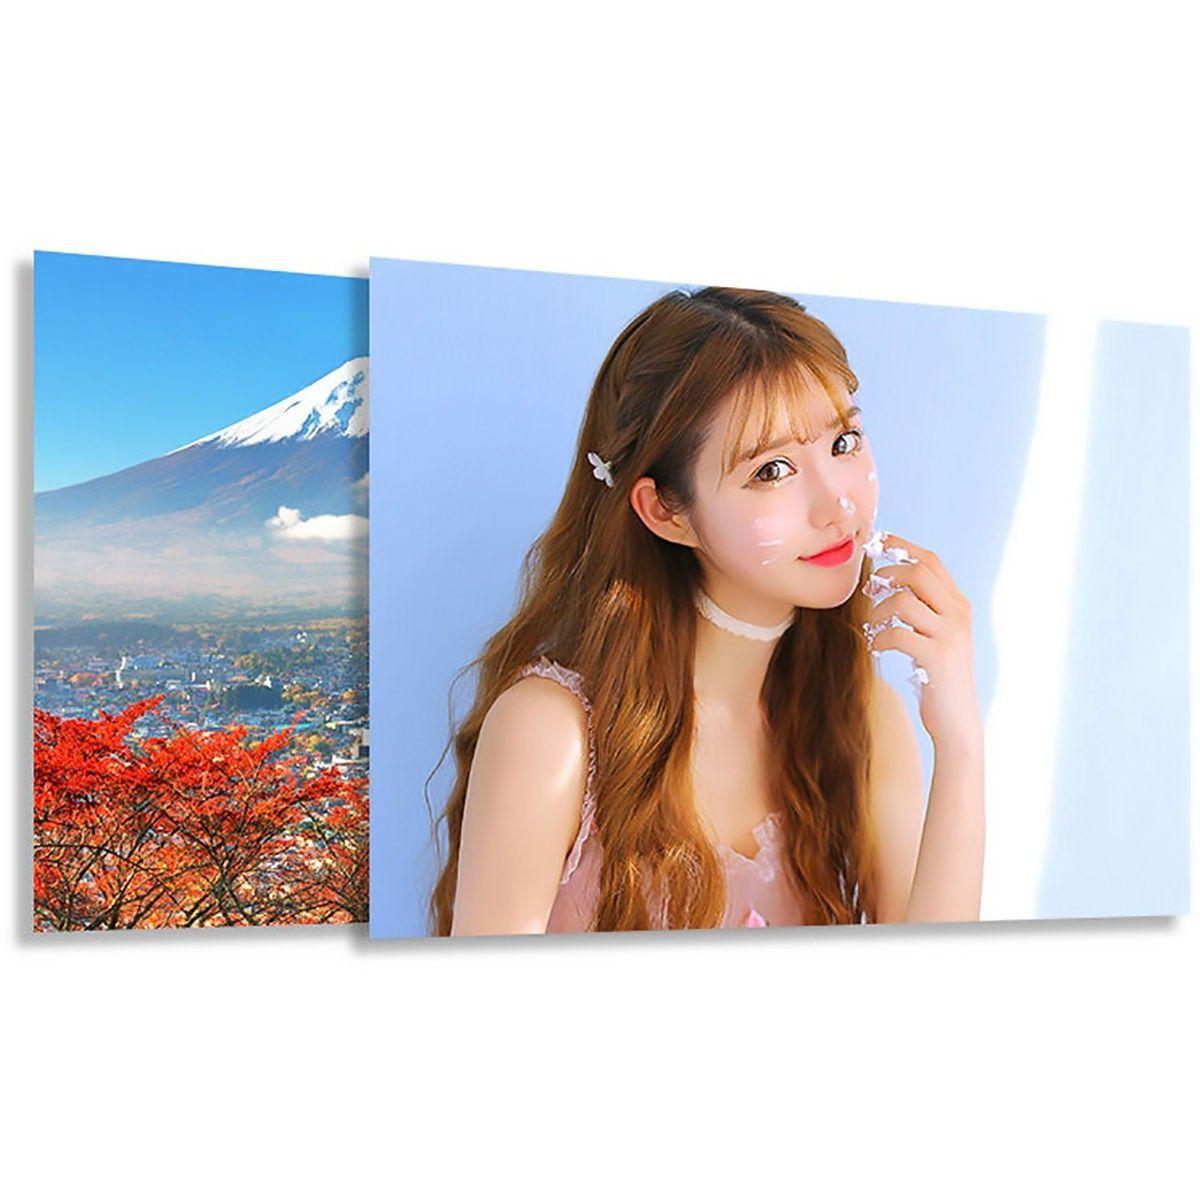 Papel Fotográfico 115g A4 Glossy Branco Brilhante Resistente à Água / 200 folhas